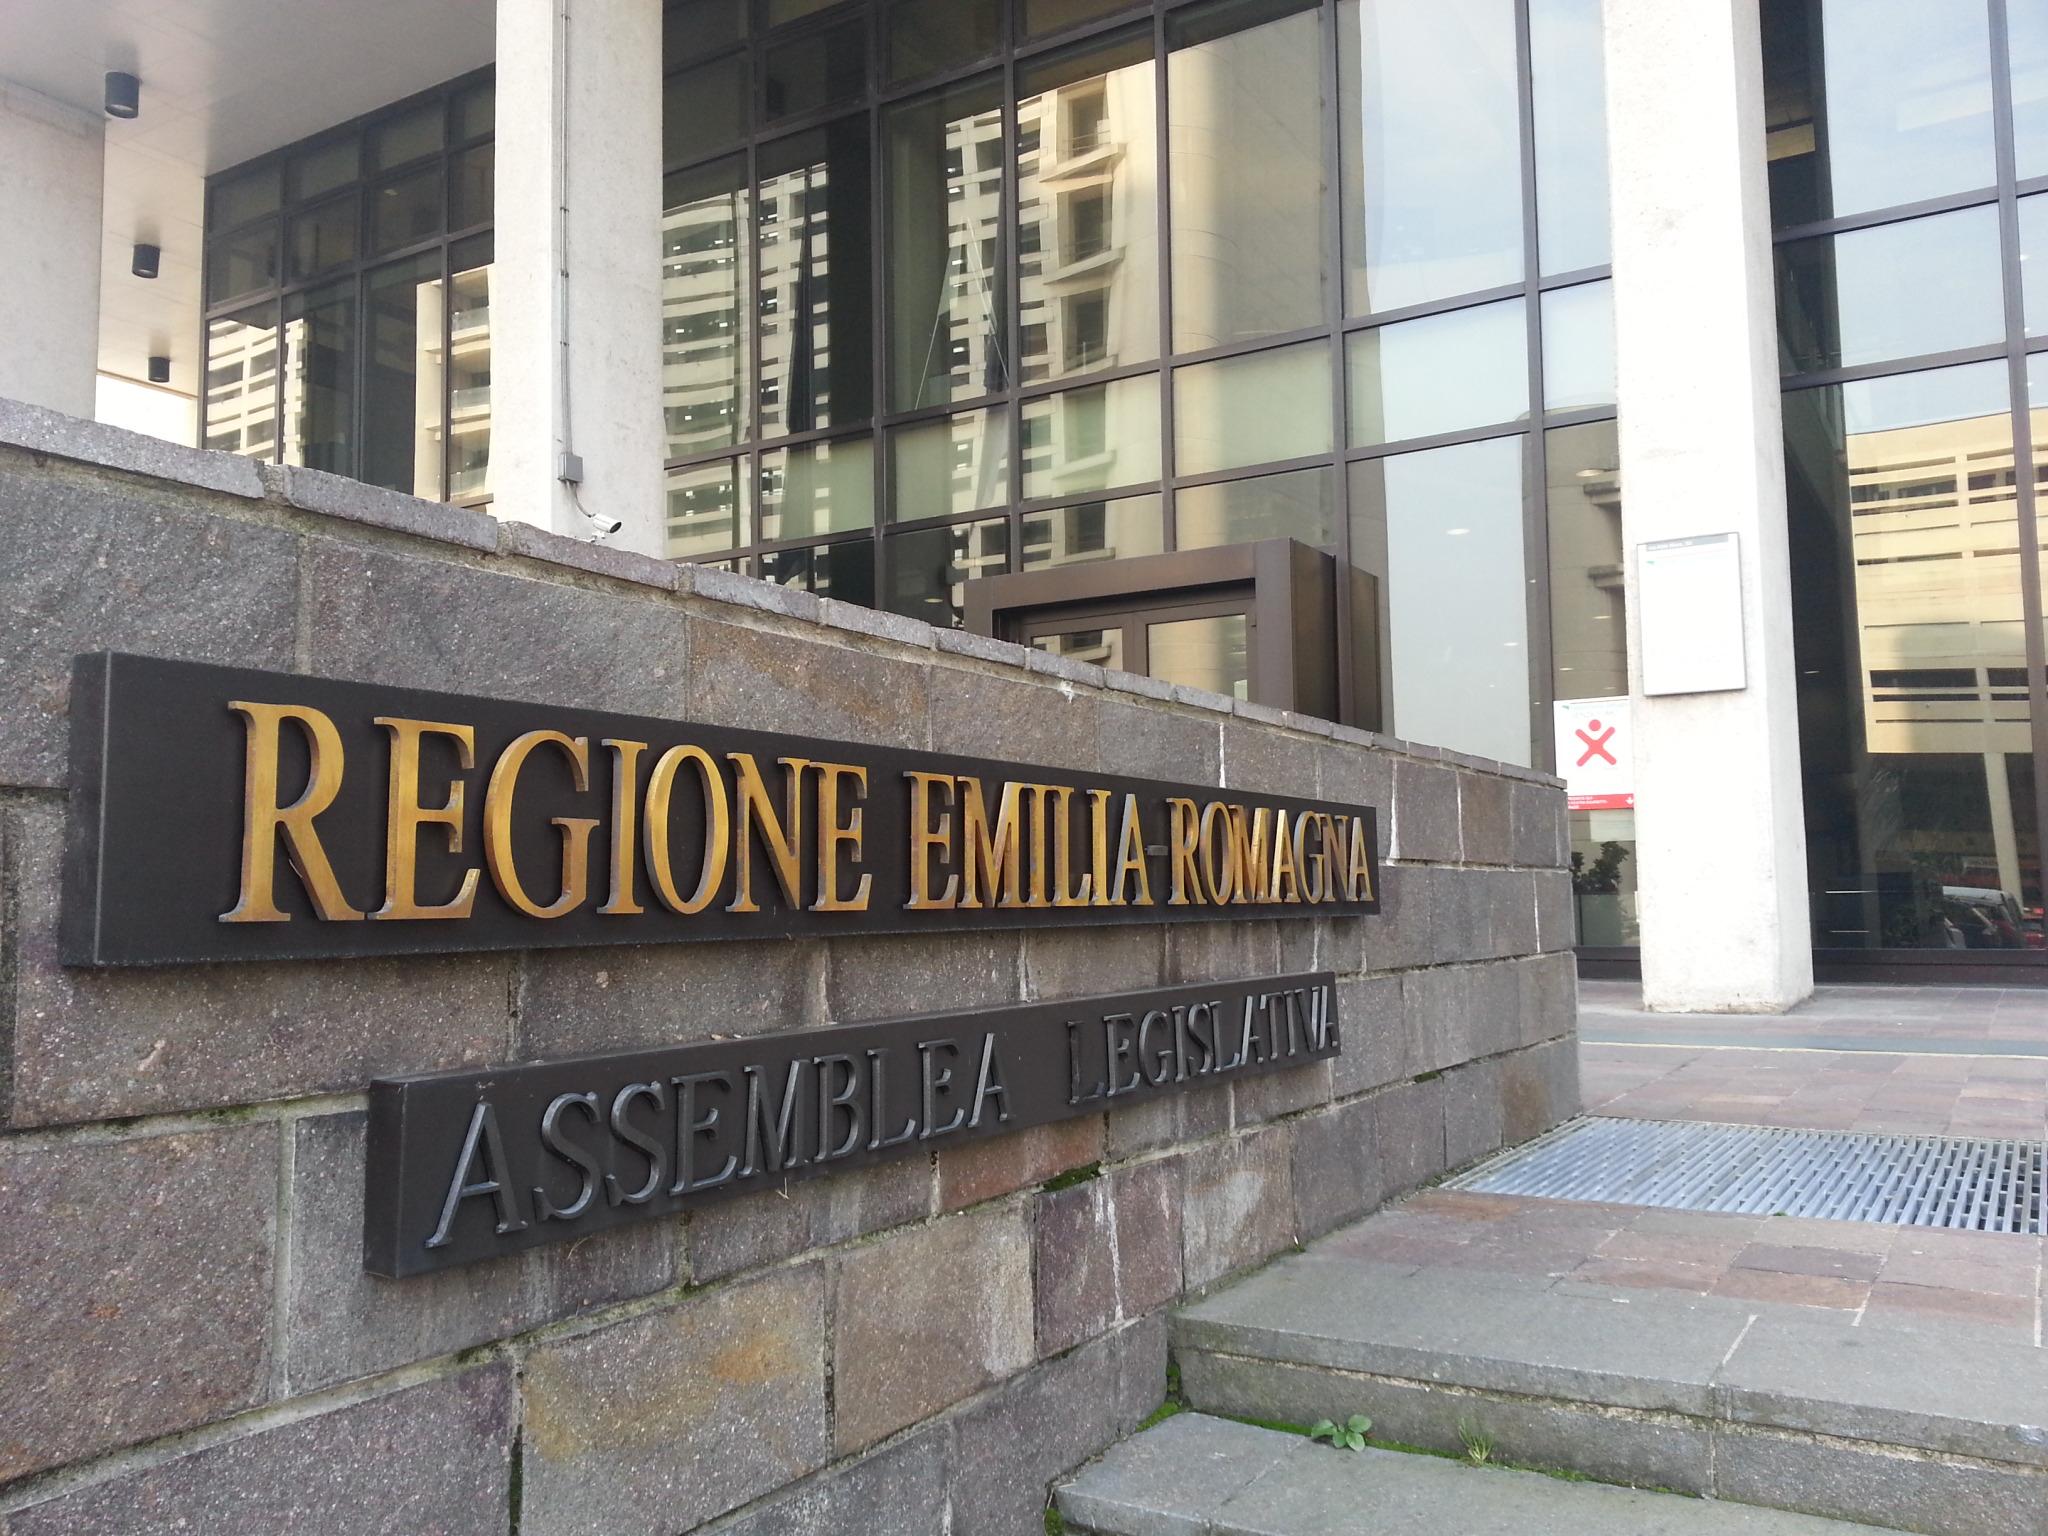 sede-regione-emilia-romagna.jpg